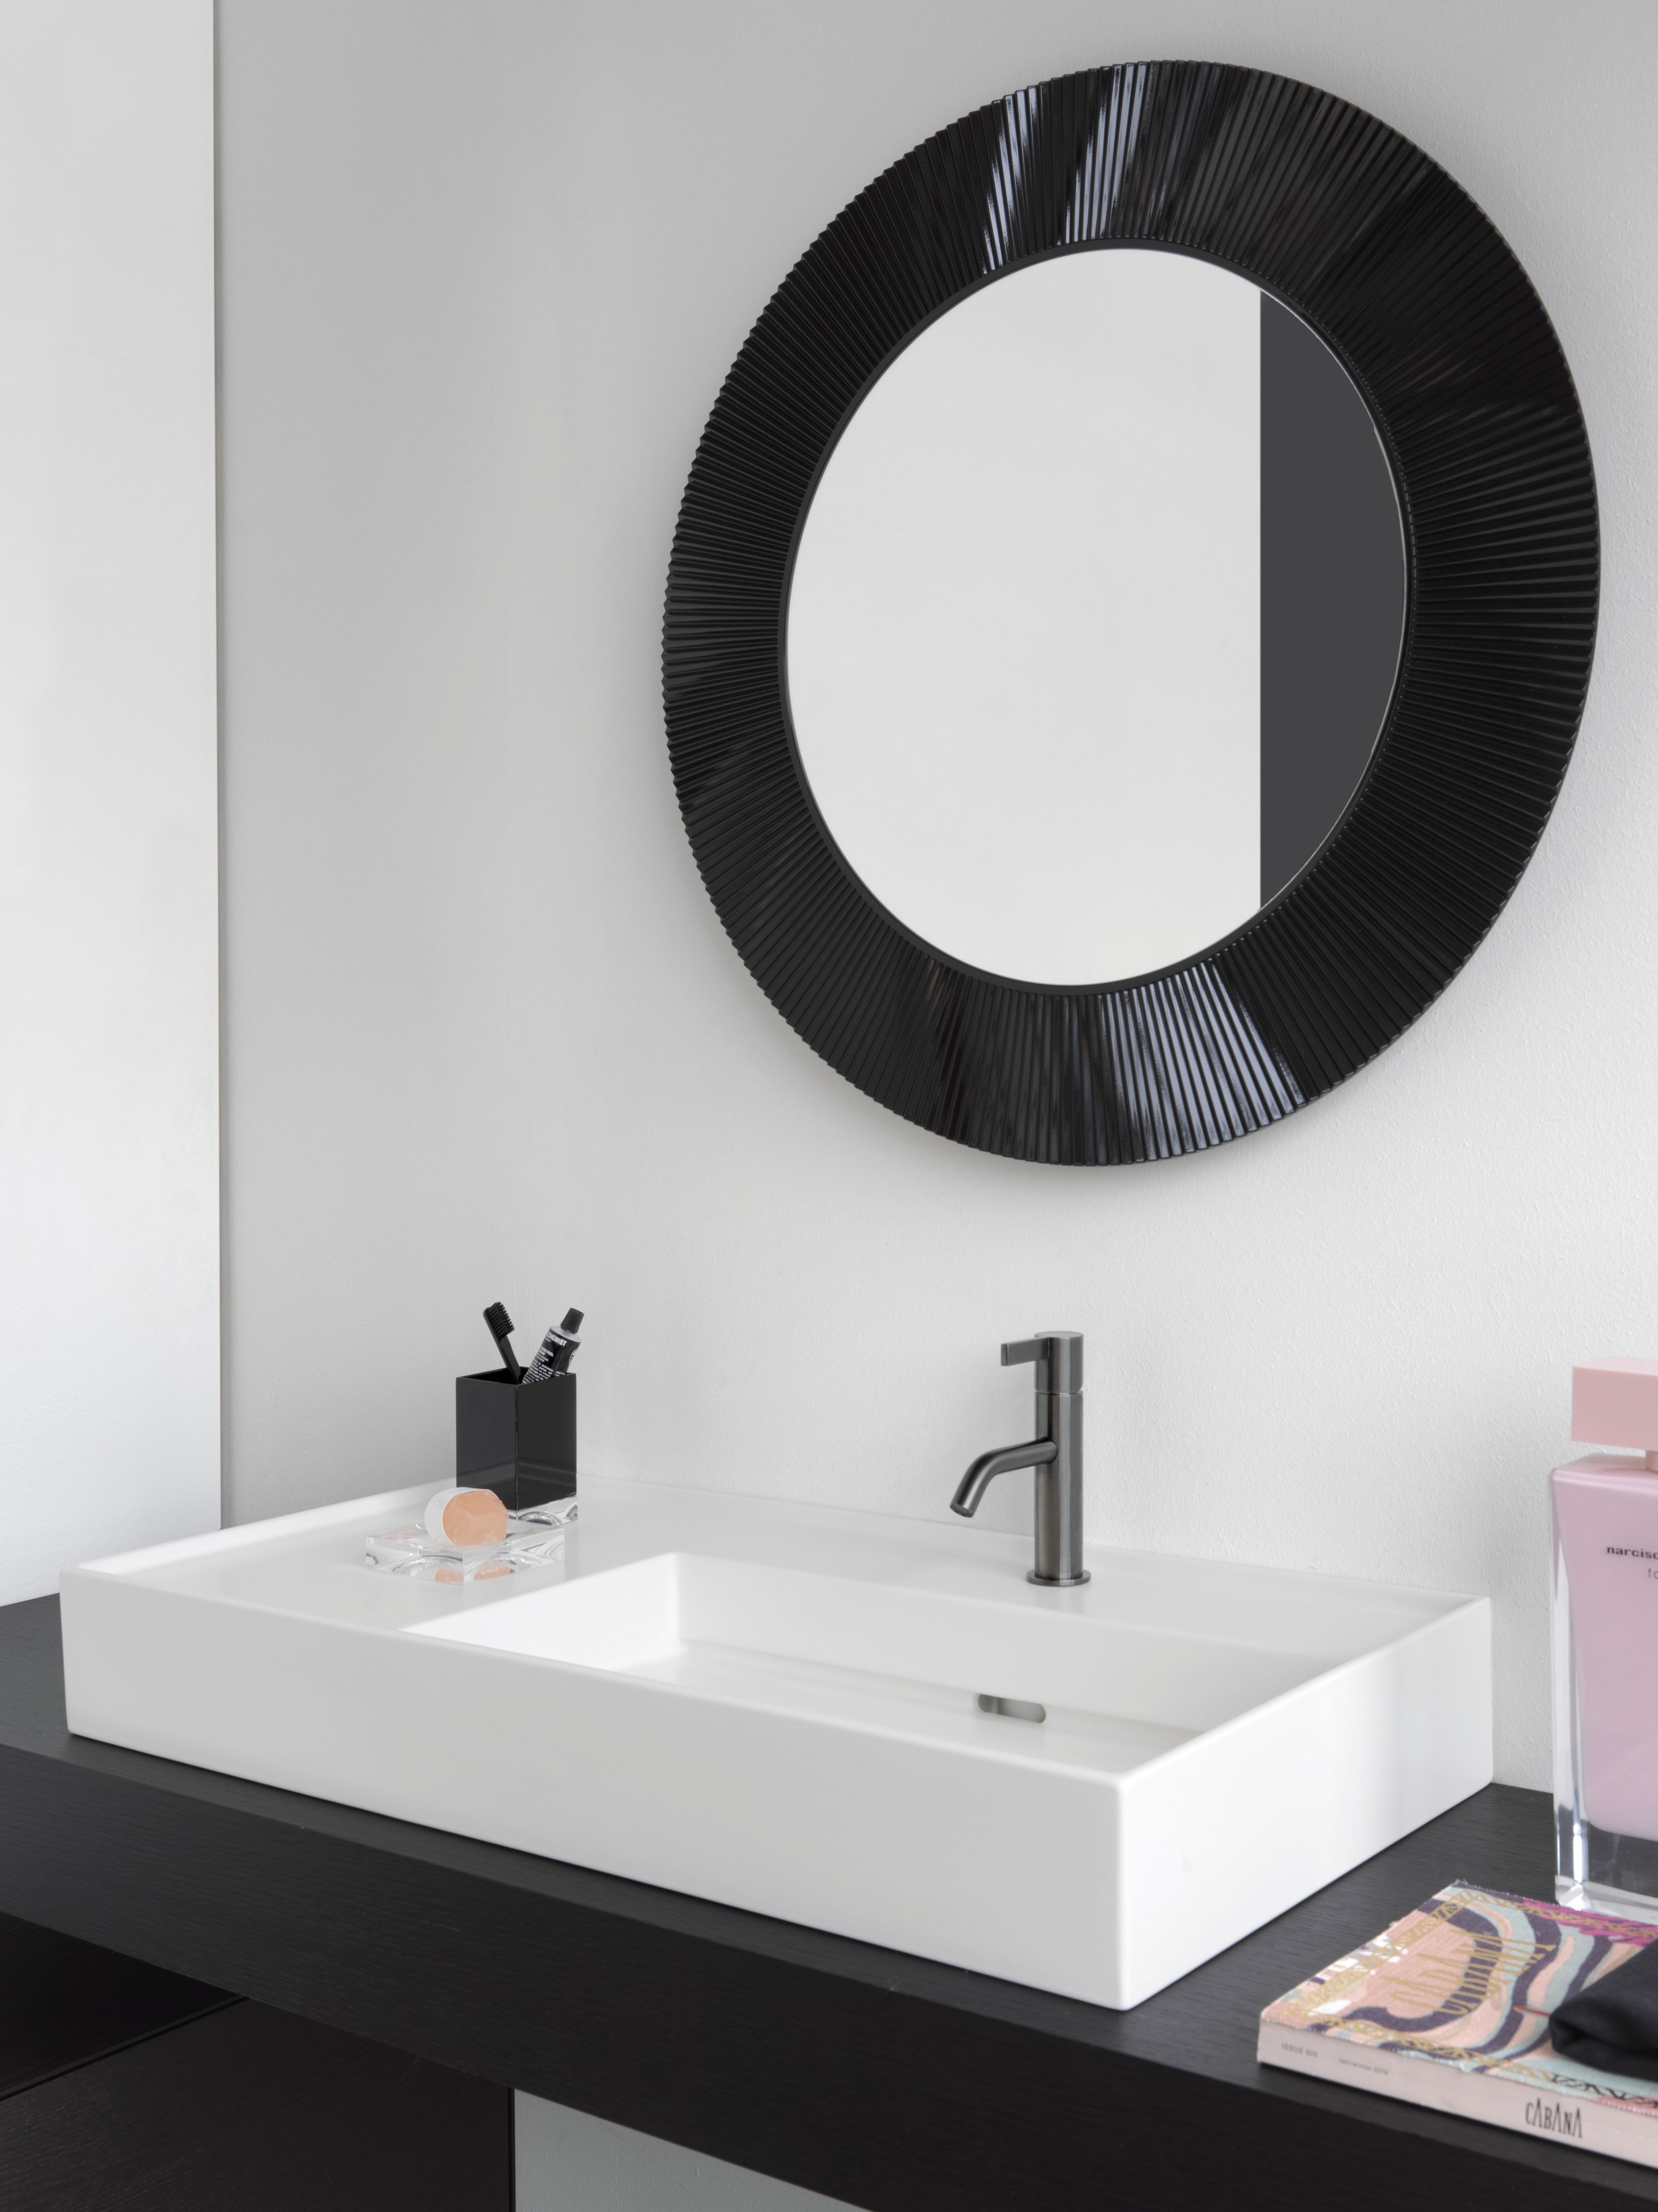 Finde Jetzt Dein Traumbad Wertvolle Tipps Von Der Planung Bis Zur Umsetzung Runde Badezimmerspiegel Waschbecken Design Badezimmer Innenausstattung